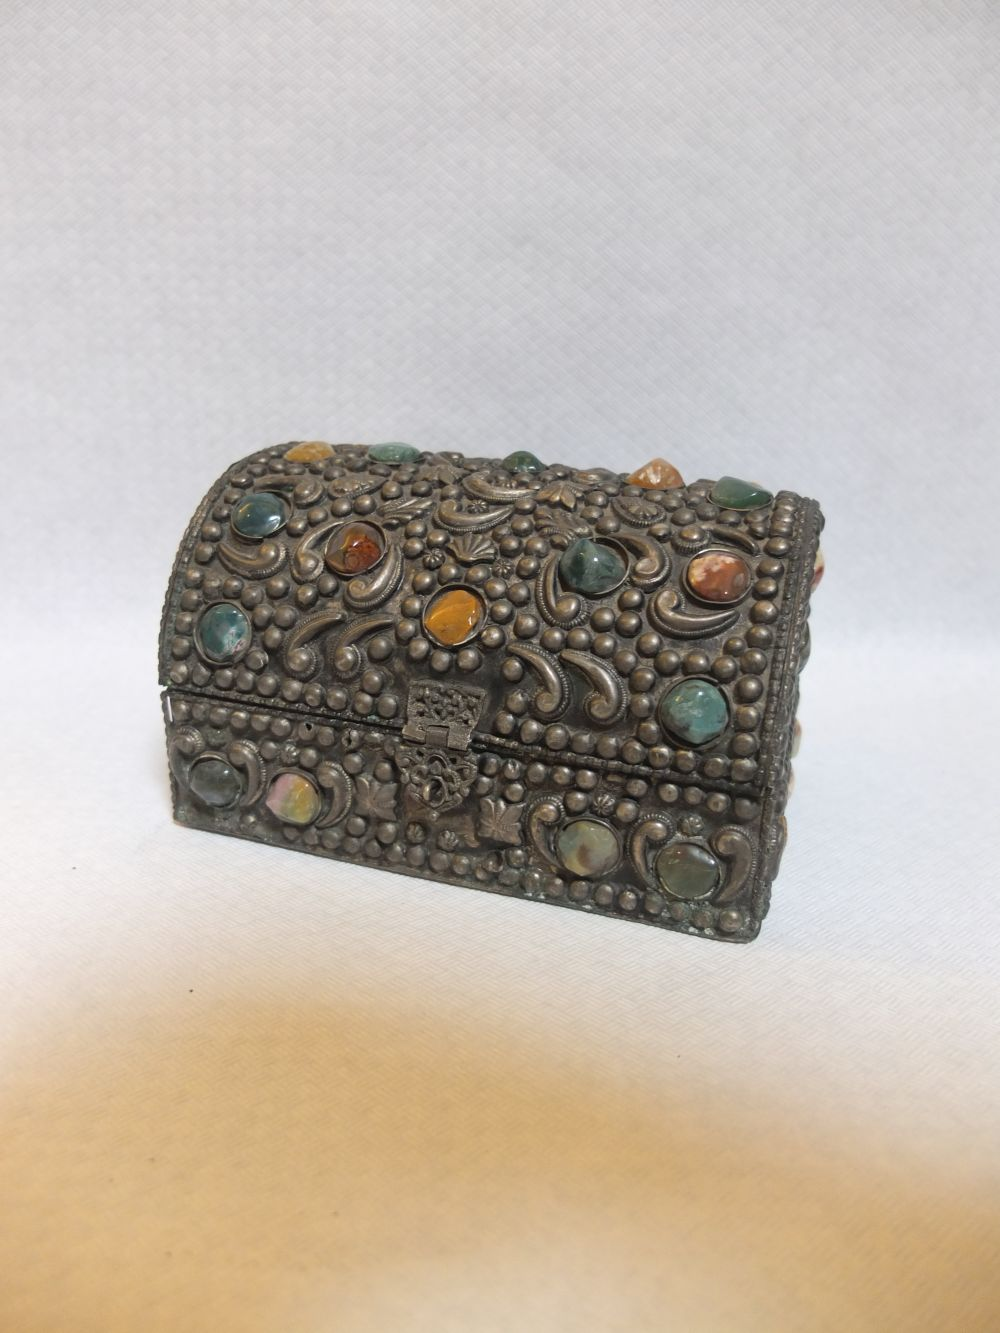 Schmuckkästchen mit Steinchen